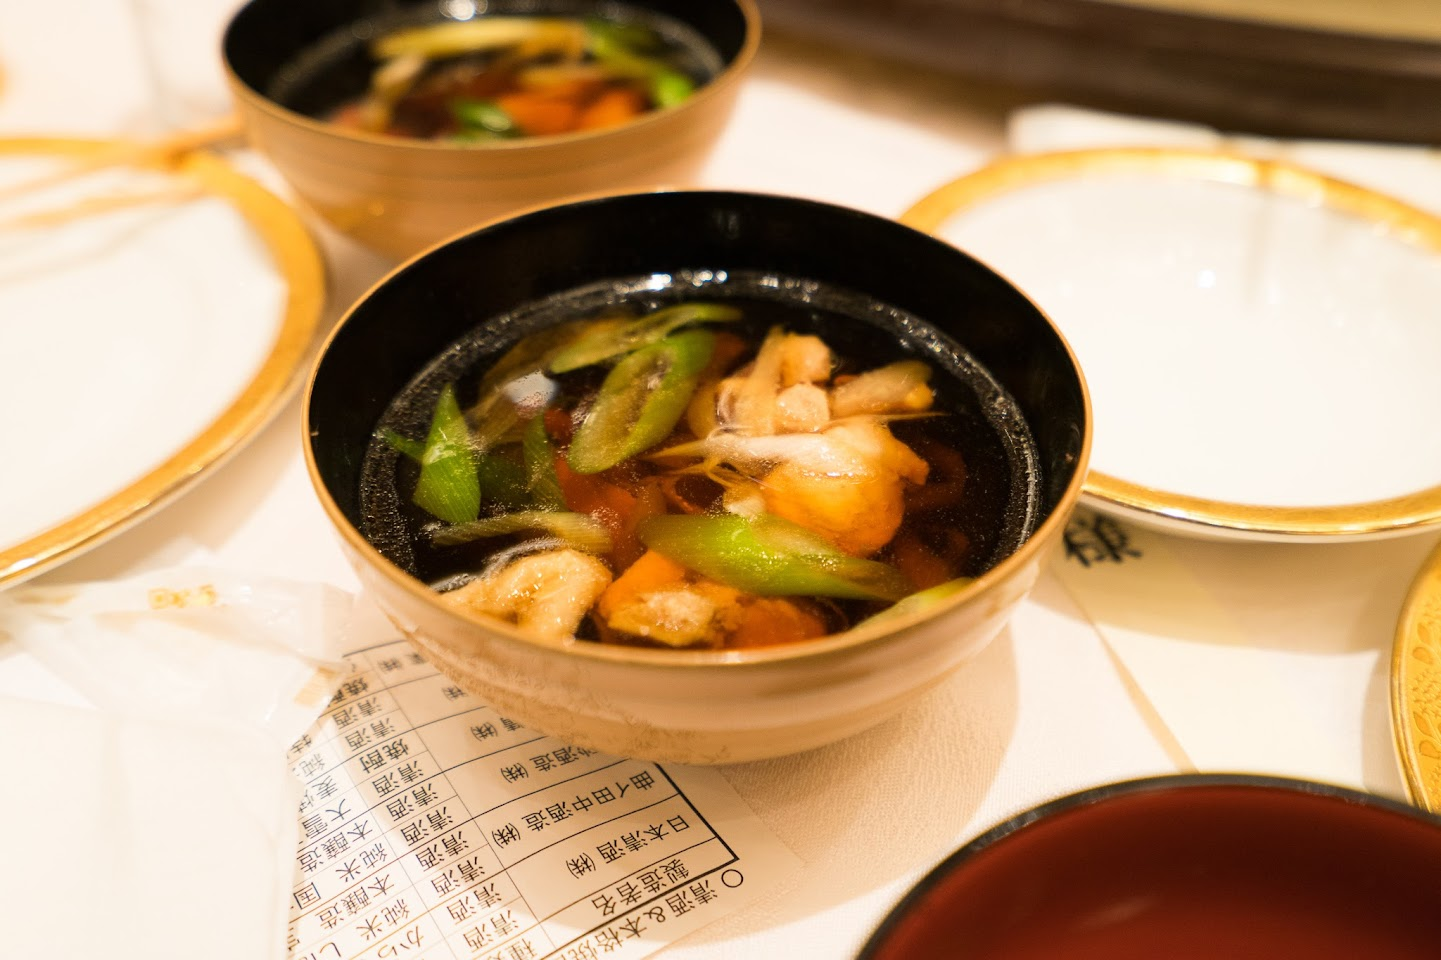 「かしわ抜き」の温かいスープ